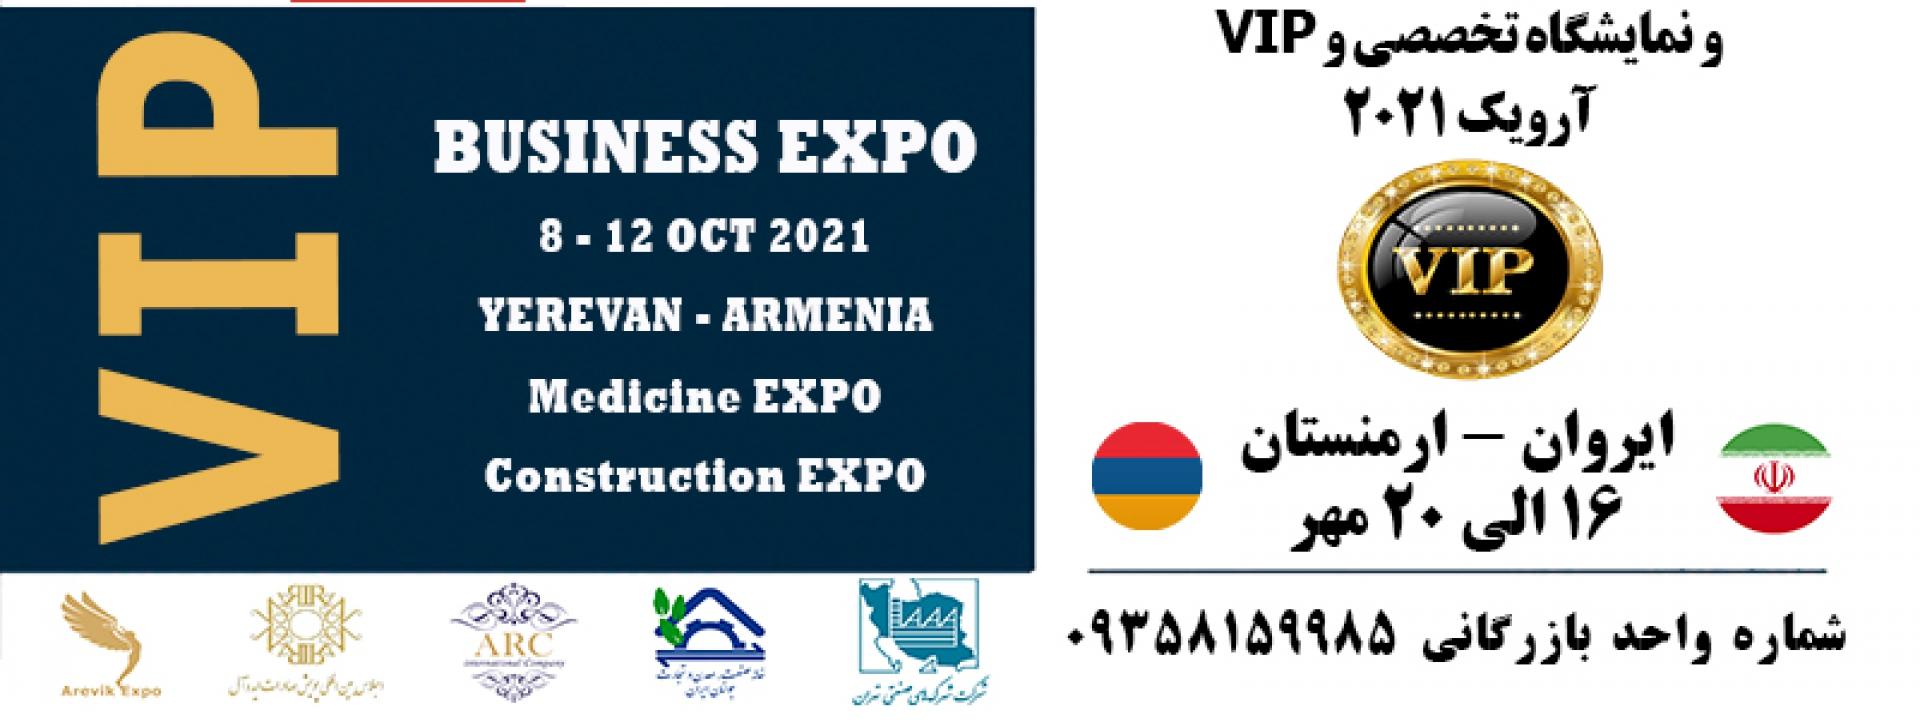 چهارمین اجلاس پویش صادرات ایده آل (نمایشگاه تخصصی و VIP ) در ارمنستان